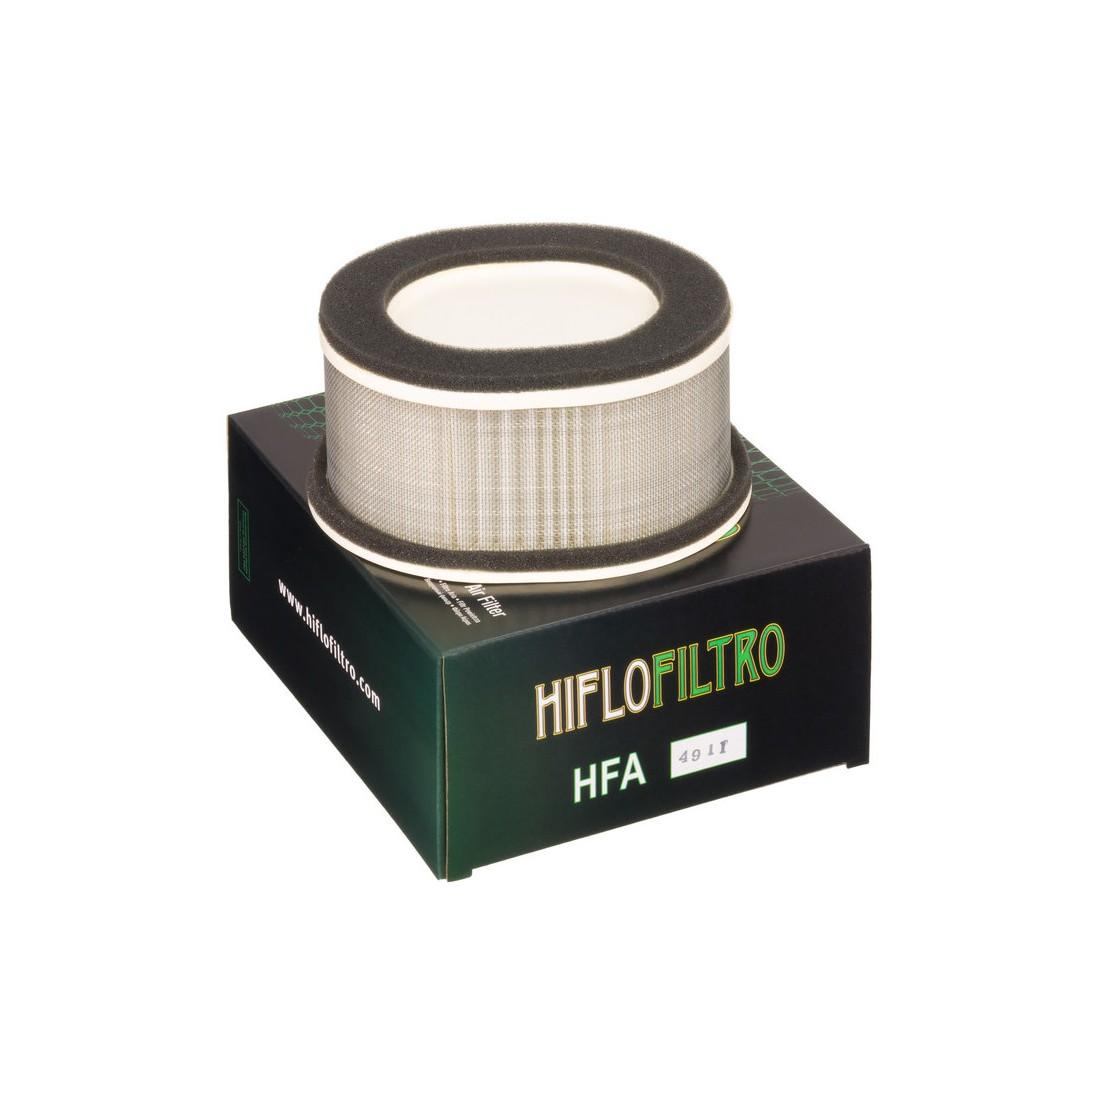 Filtro Aire Hiflofiltro HFA4911